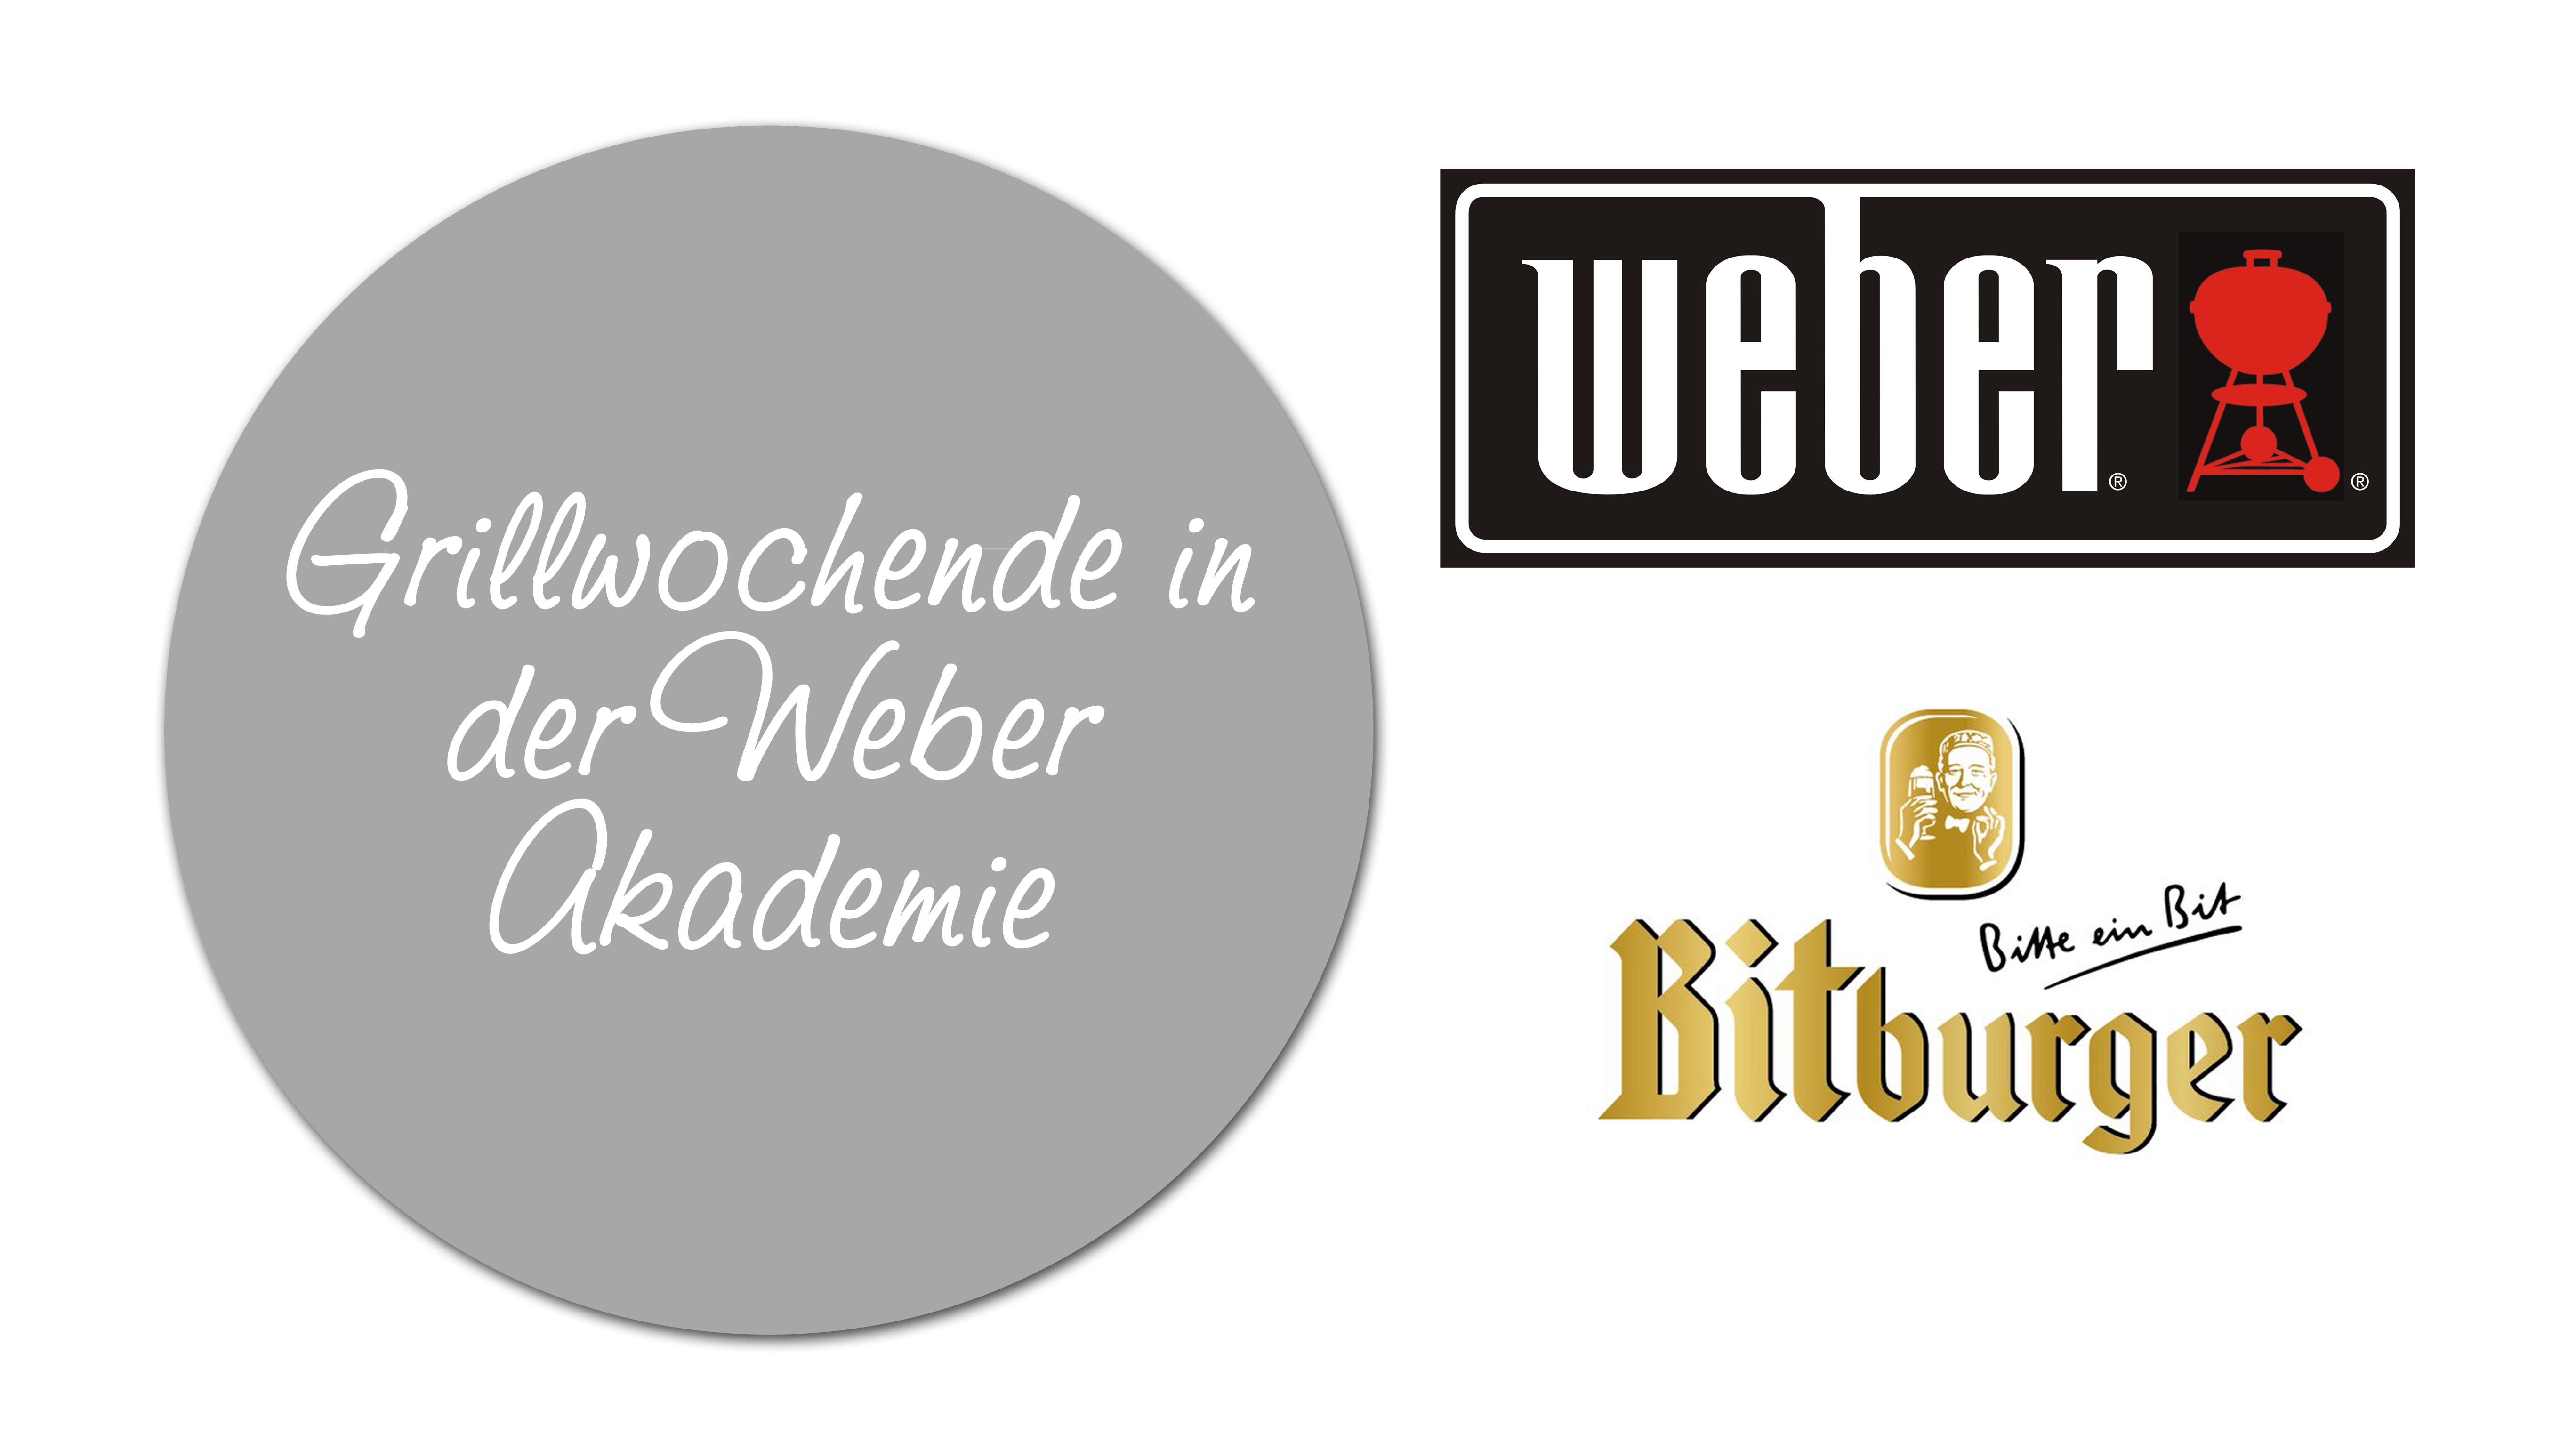 Grillwochenende in der Weber Akademie Image